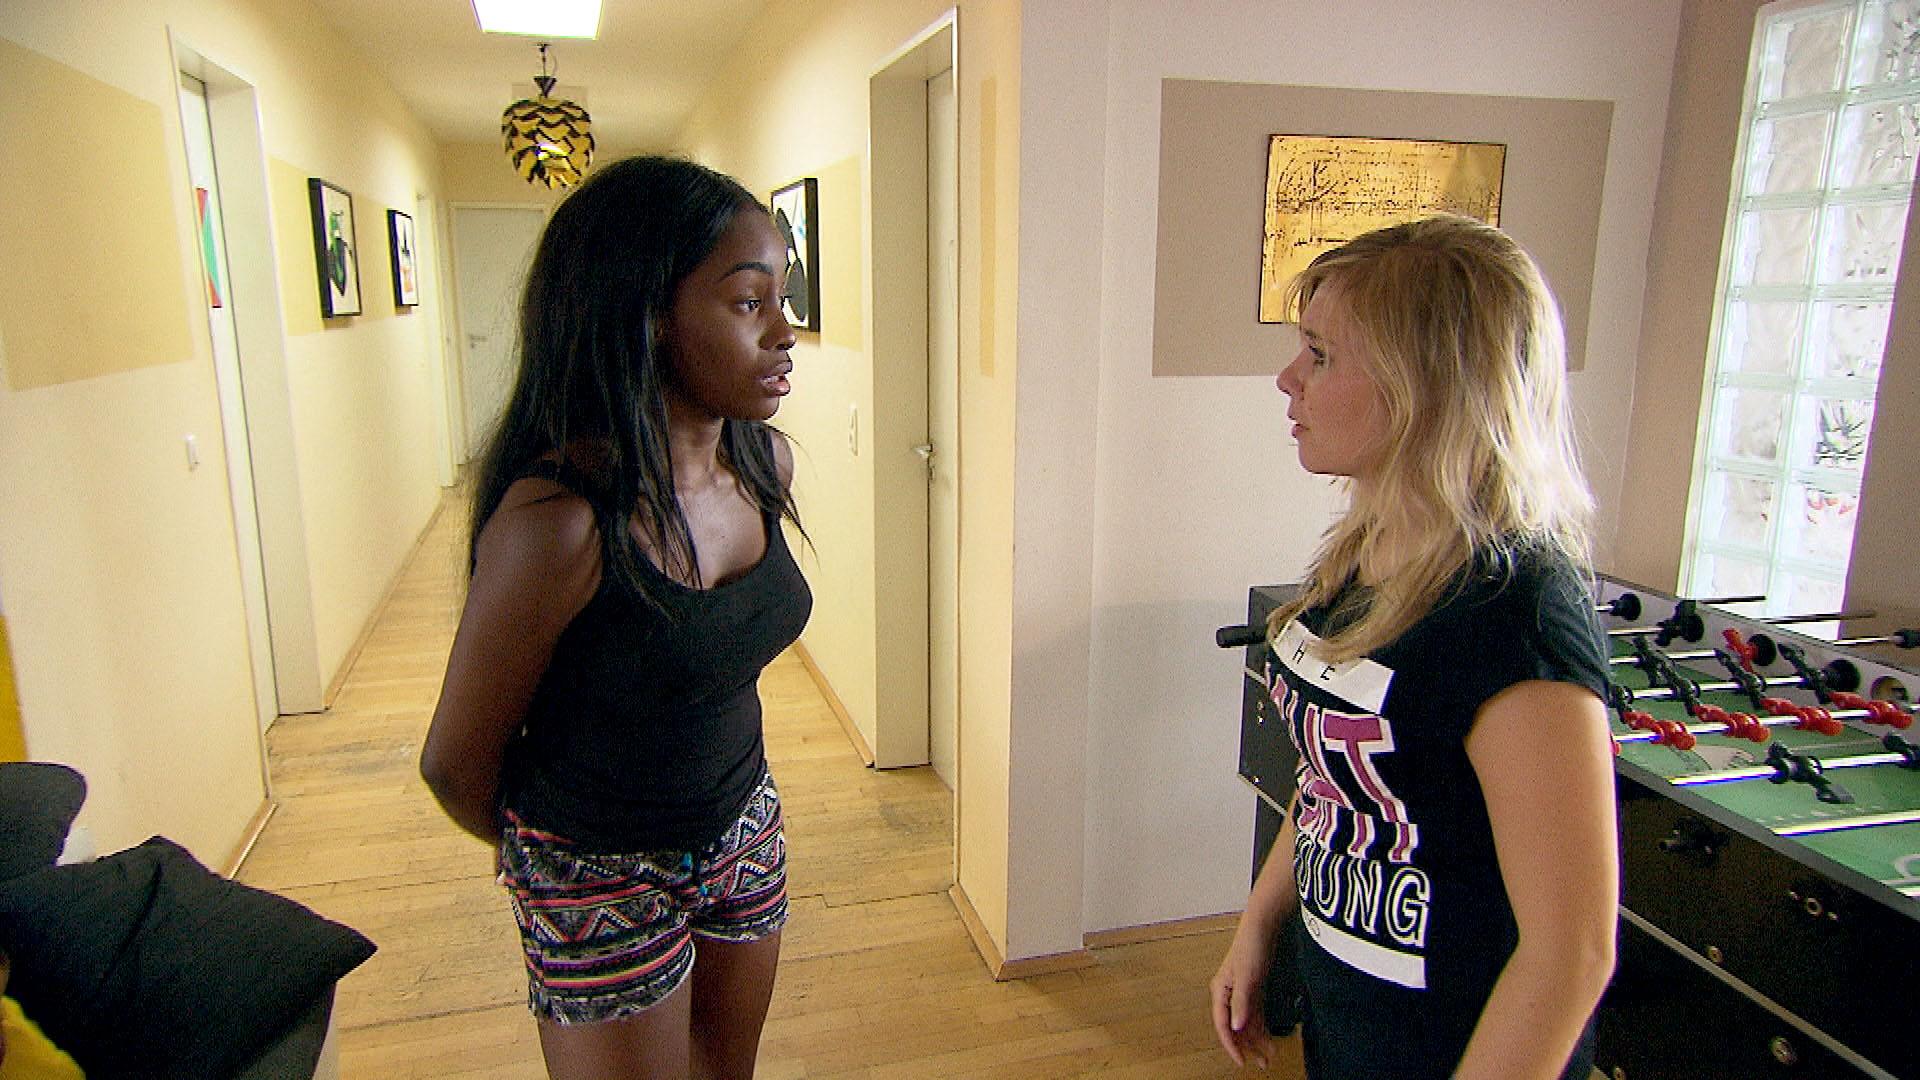 Michelle,li. schlägt Chantal,re. vor, gemeinsam ins Kosmetikstudio zu gehen, lässt sie dann aber sitzen. (Quelle: RTL 2)